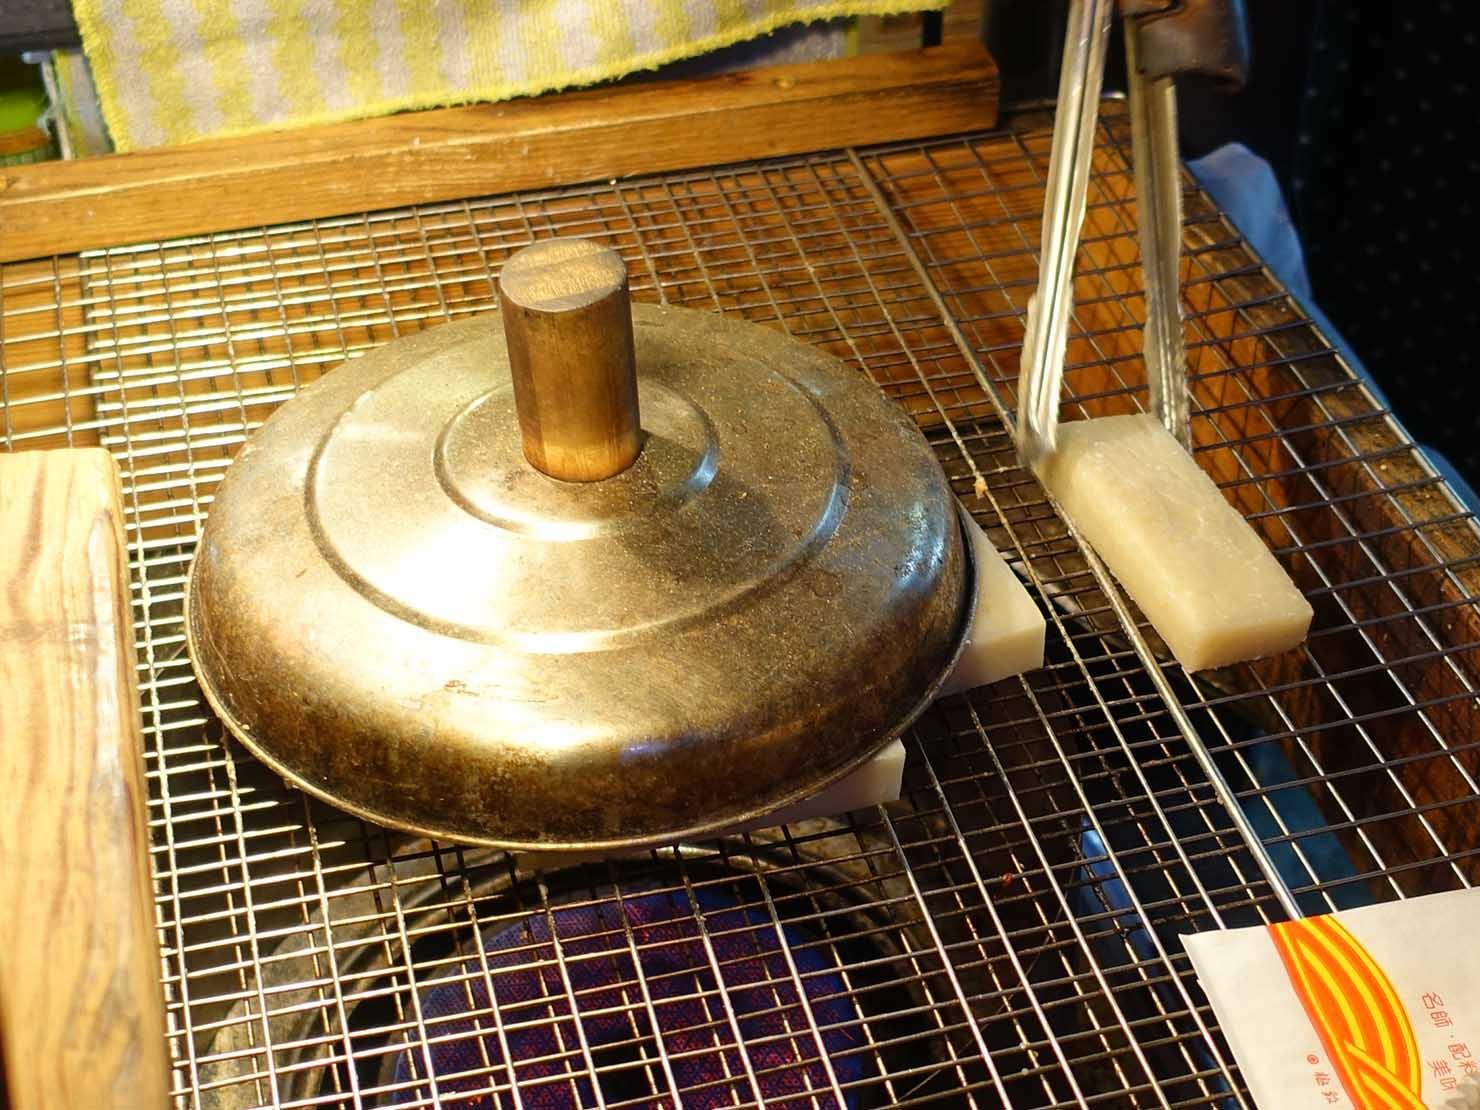 台湾の夜市で食べられる日本グルメ「烤麻薯(焼きもち)」屋台で焼かれる角餅